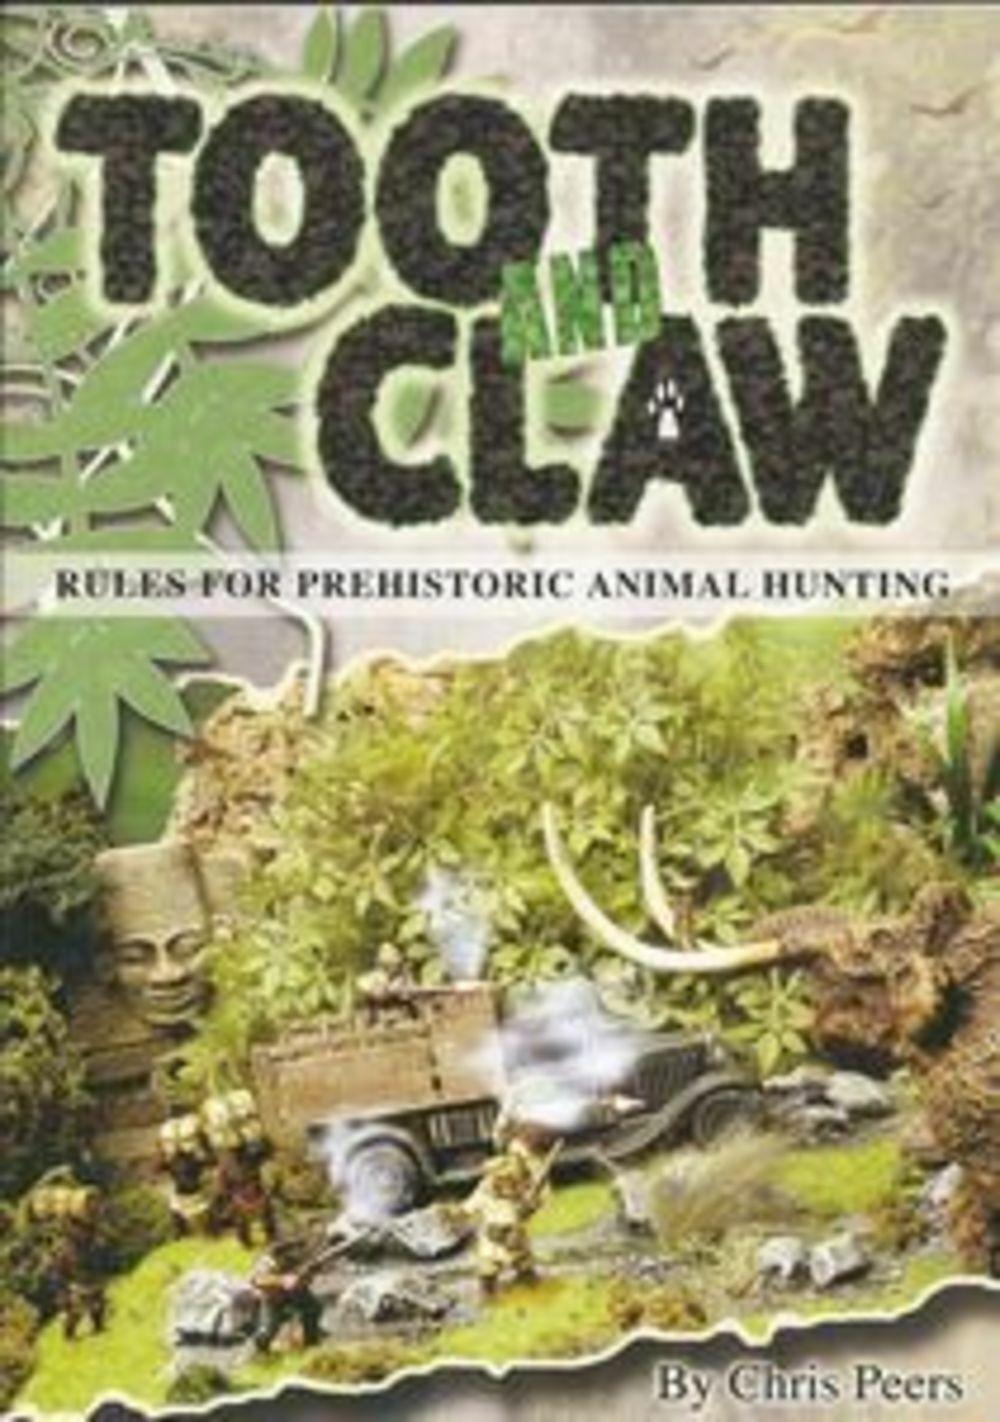 precios razonables Diente y Sacaclavos - Reglas para para para Prehistorico Animal Caza - Chris Peers -Oop  tienda en linea